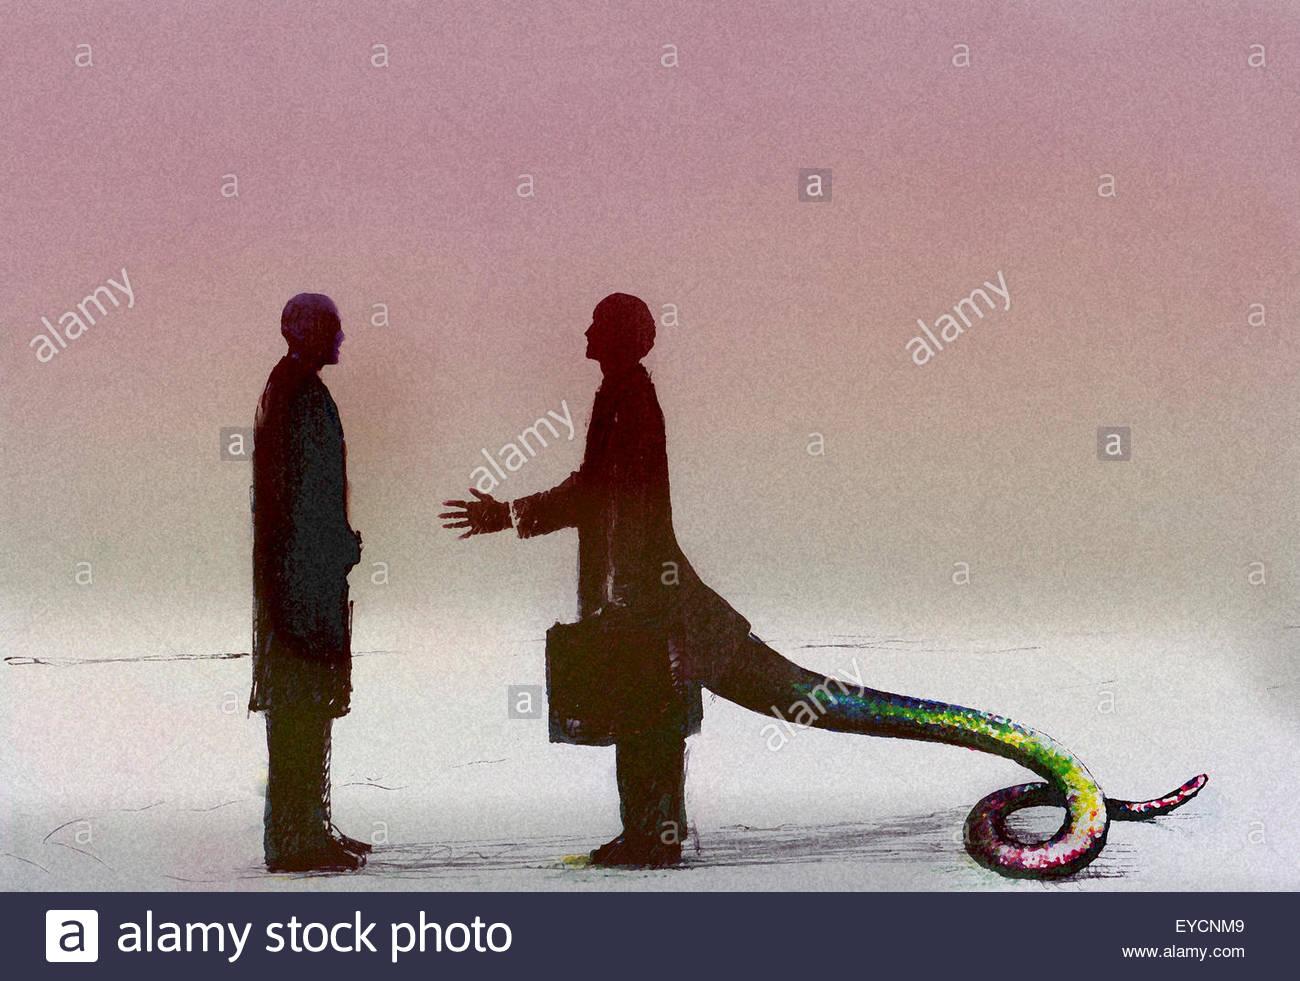 Businessman avec queue de serpent collaborateur de souhaits Photo Stock